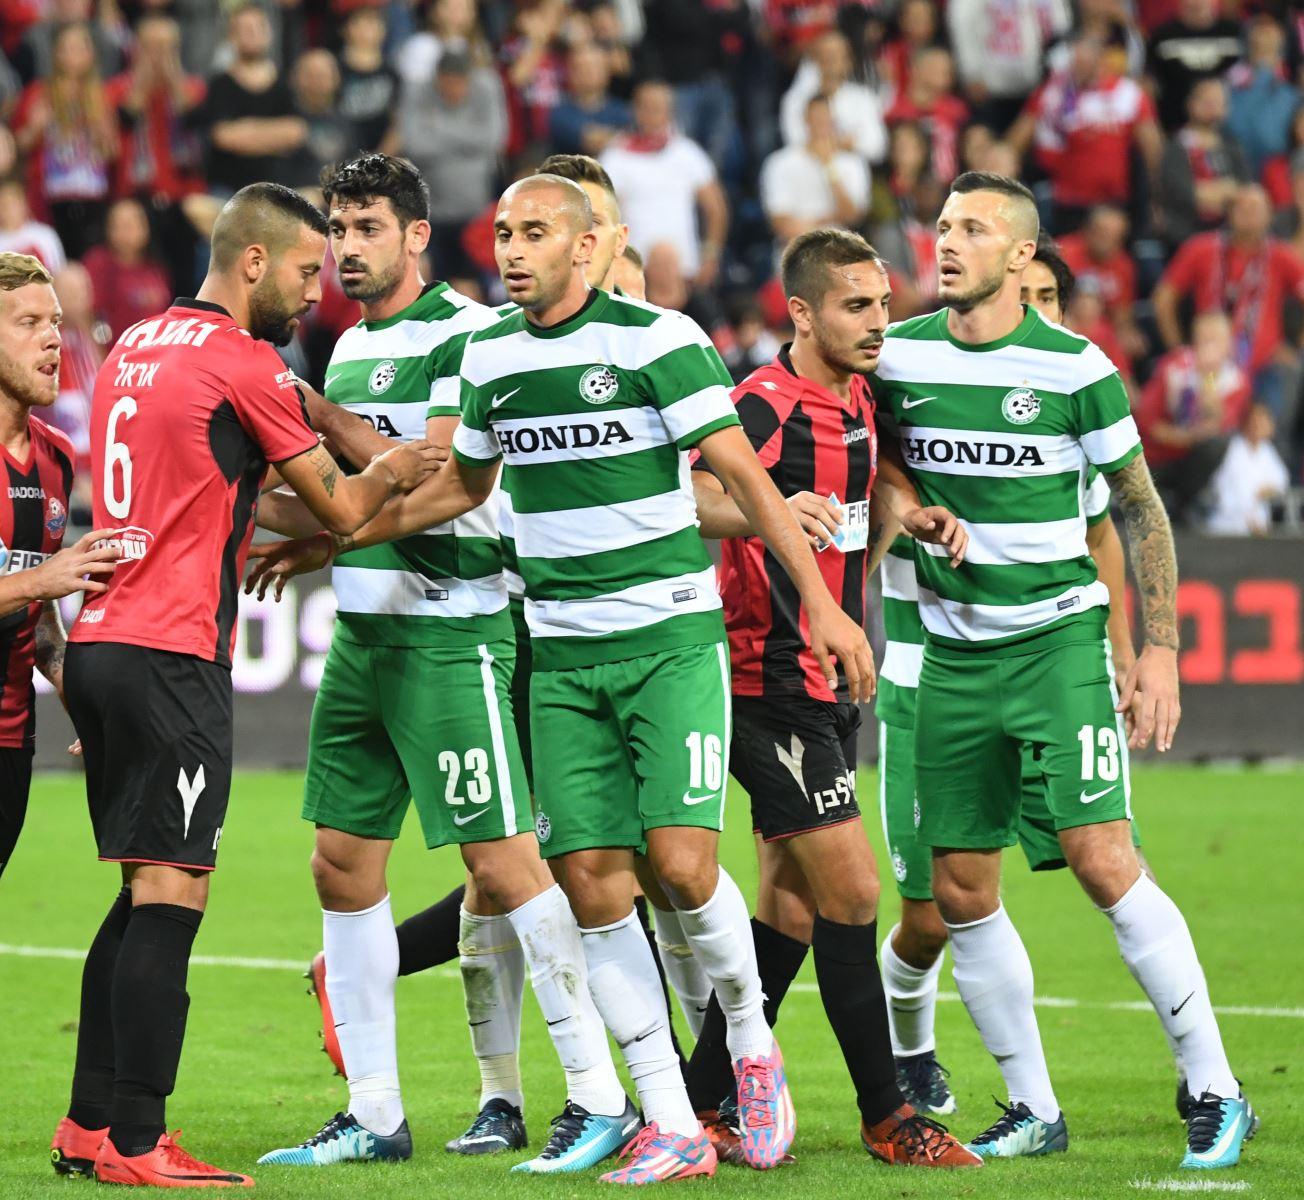 מכבי חיפה מפסידה 1:0 להפועל חיפה